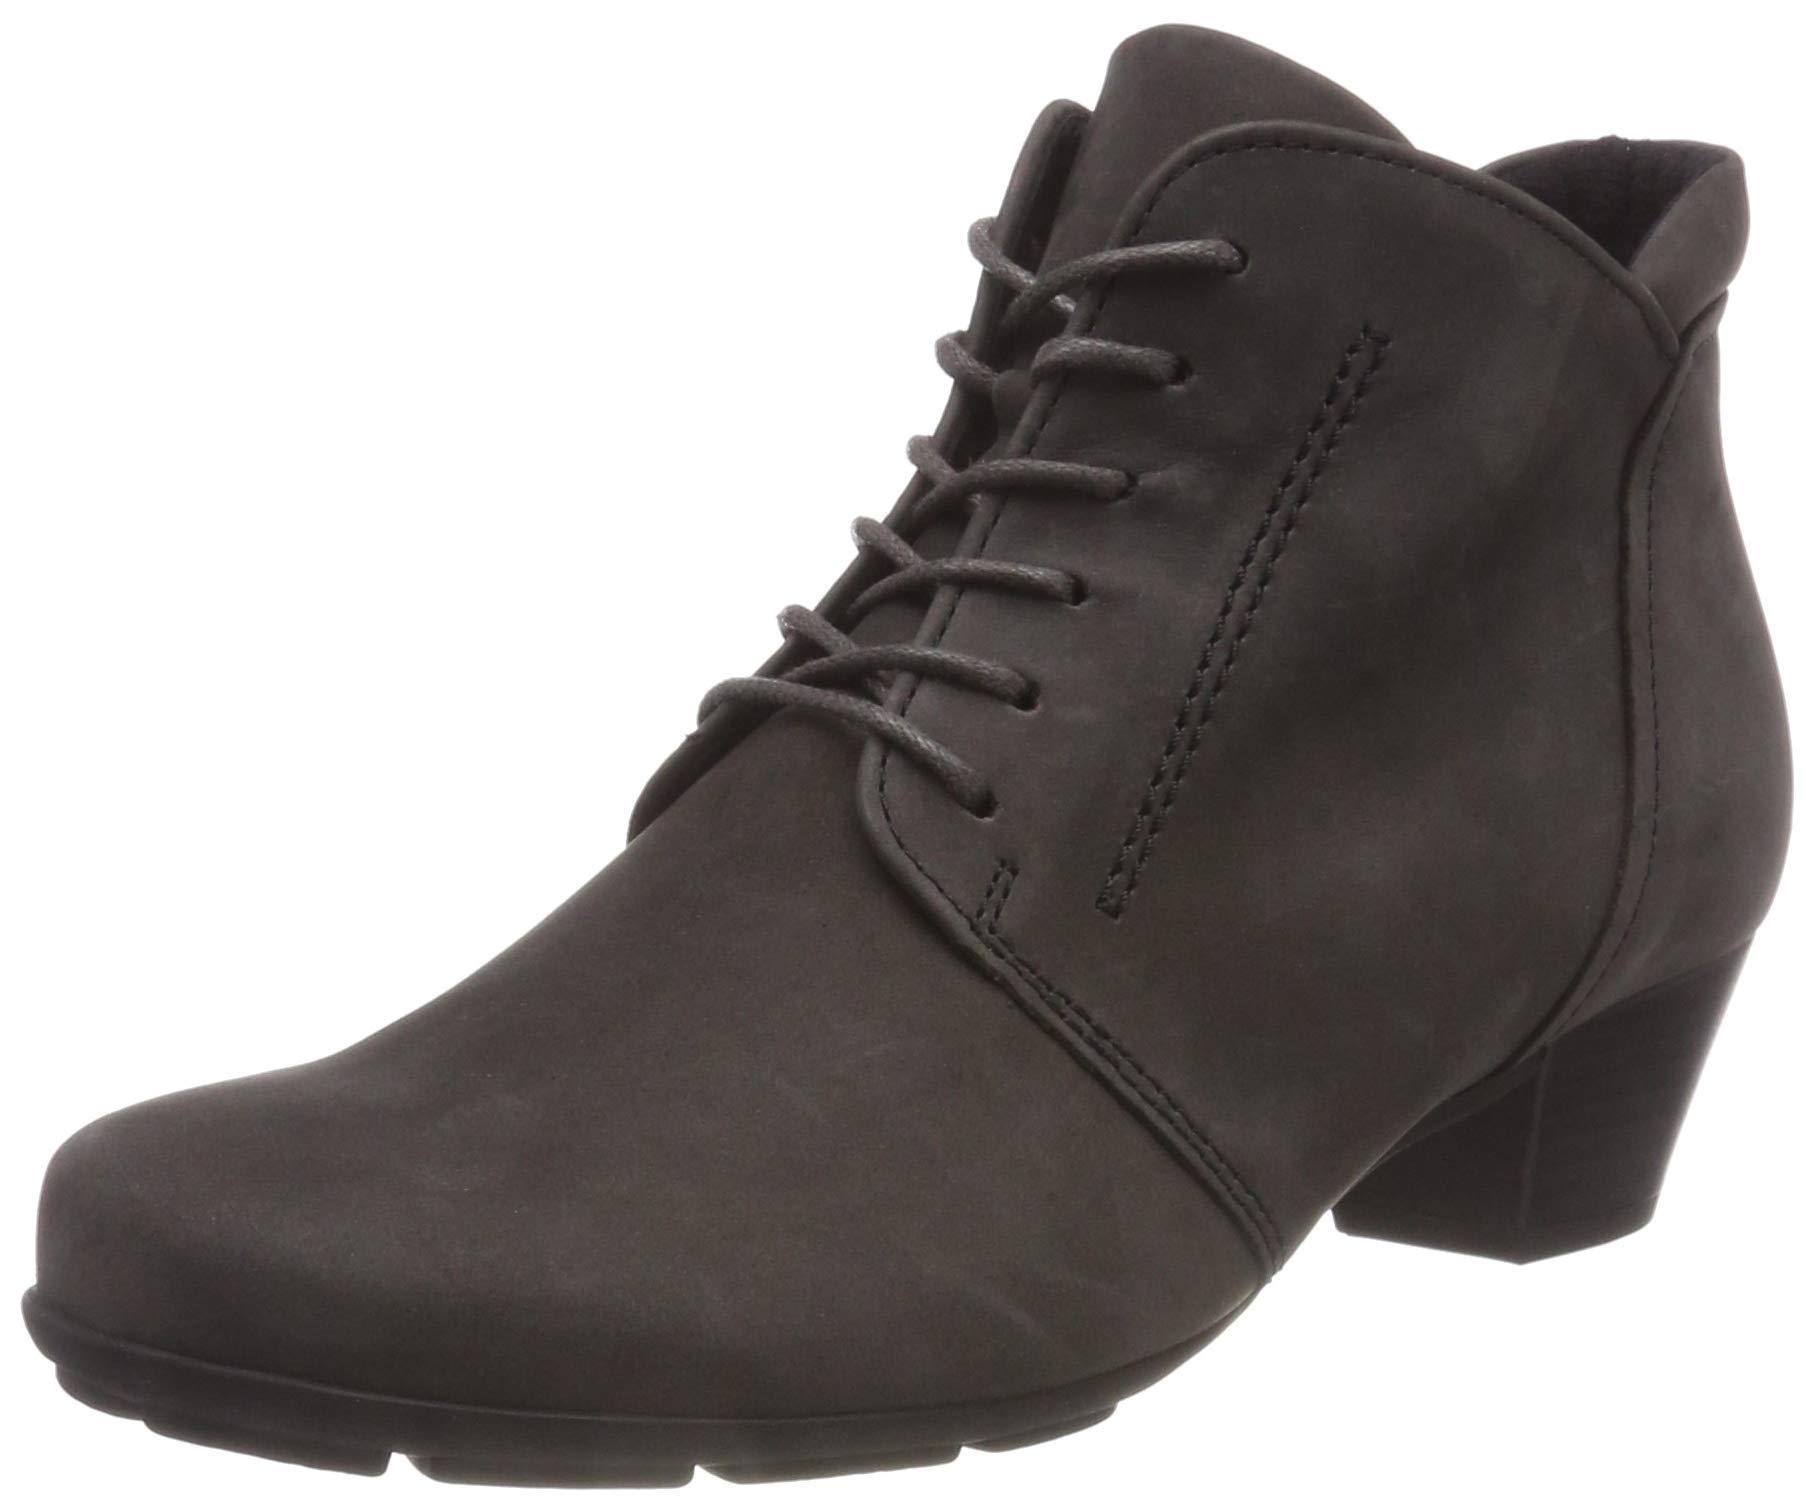 1936 Shoes BasicBotines Eu Gabor FemmeGrisanthrazit OXiTPkZu